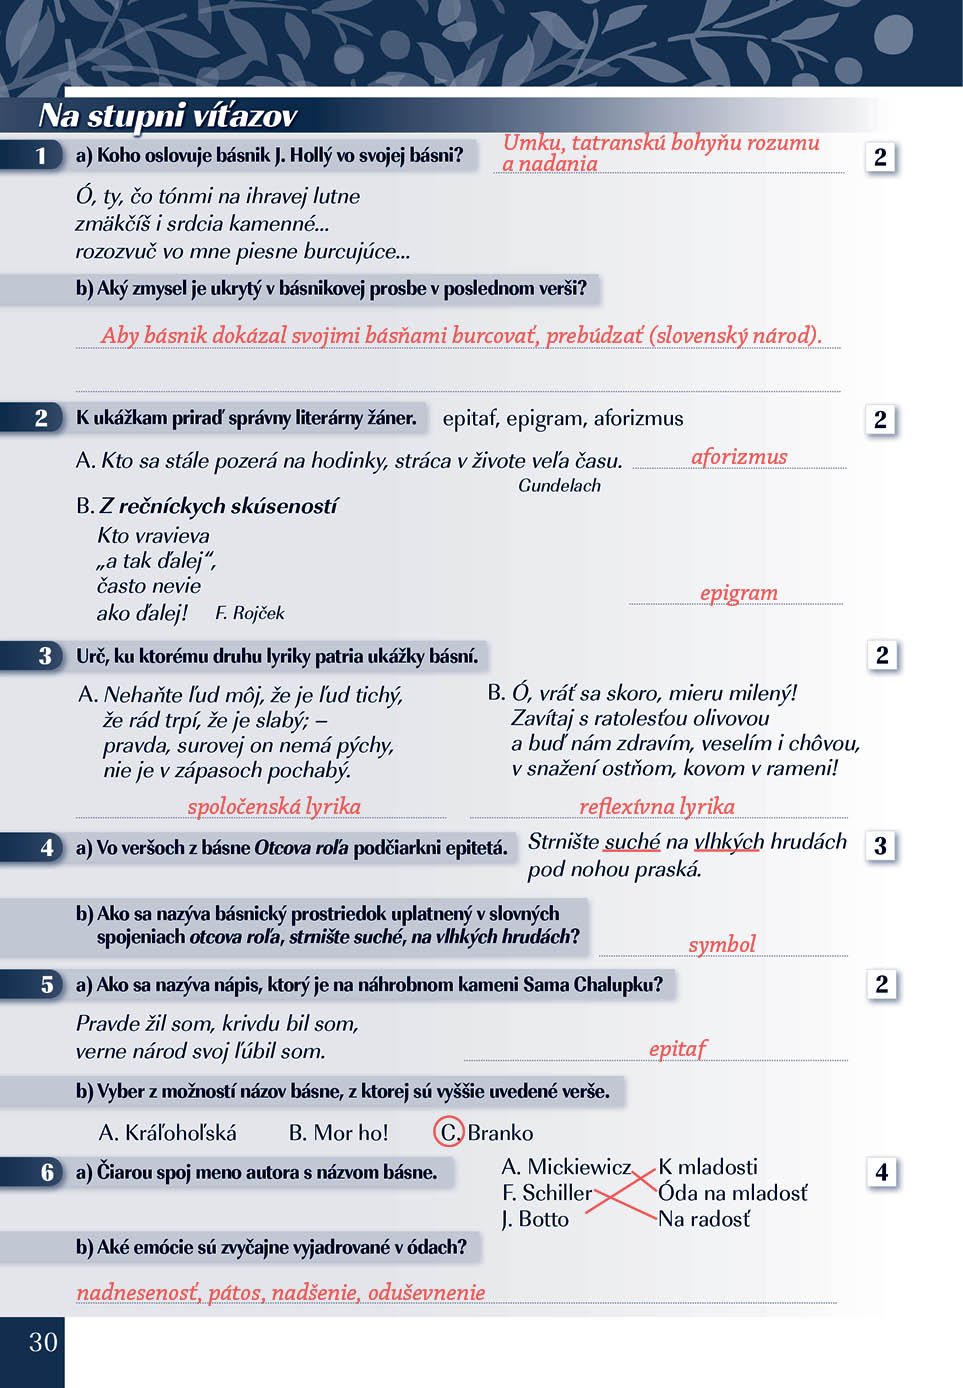 Náhľad: Zošit pre učiteľa - Pomocník z literatúry 9 ZŠ a 4 GOŠ (3)